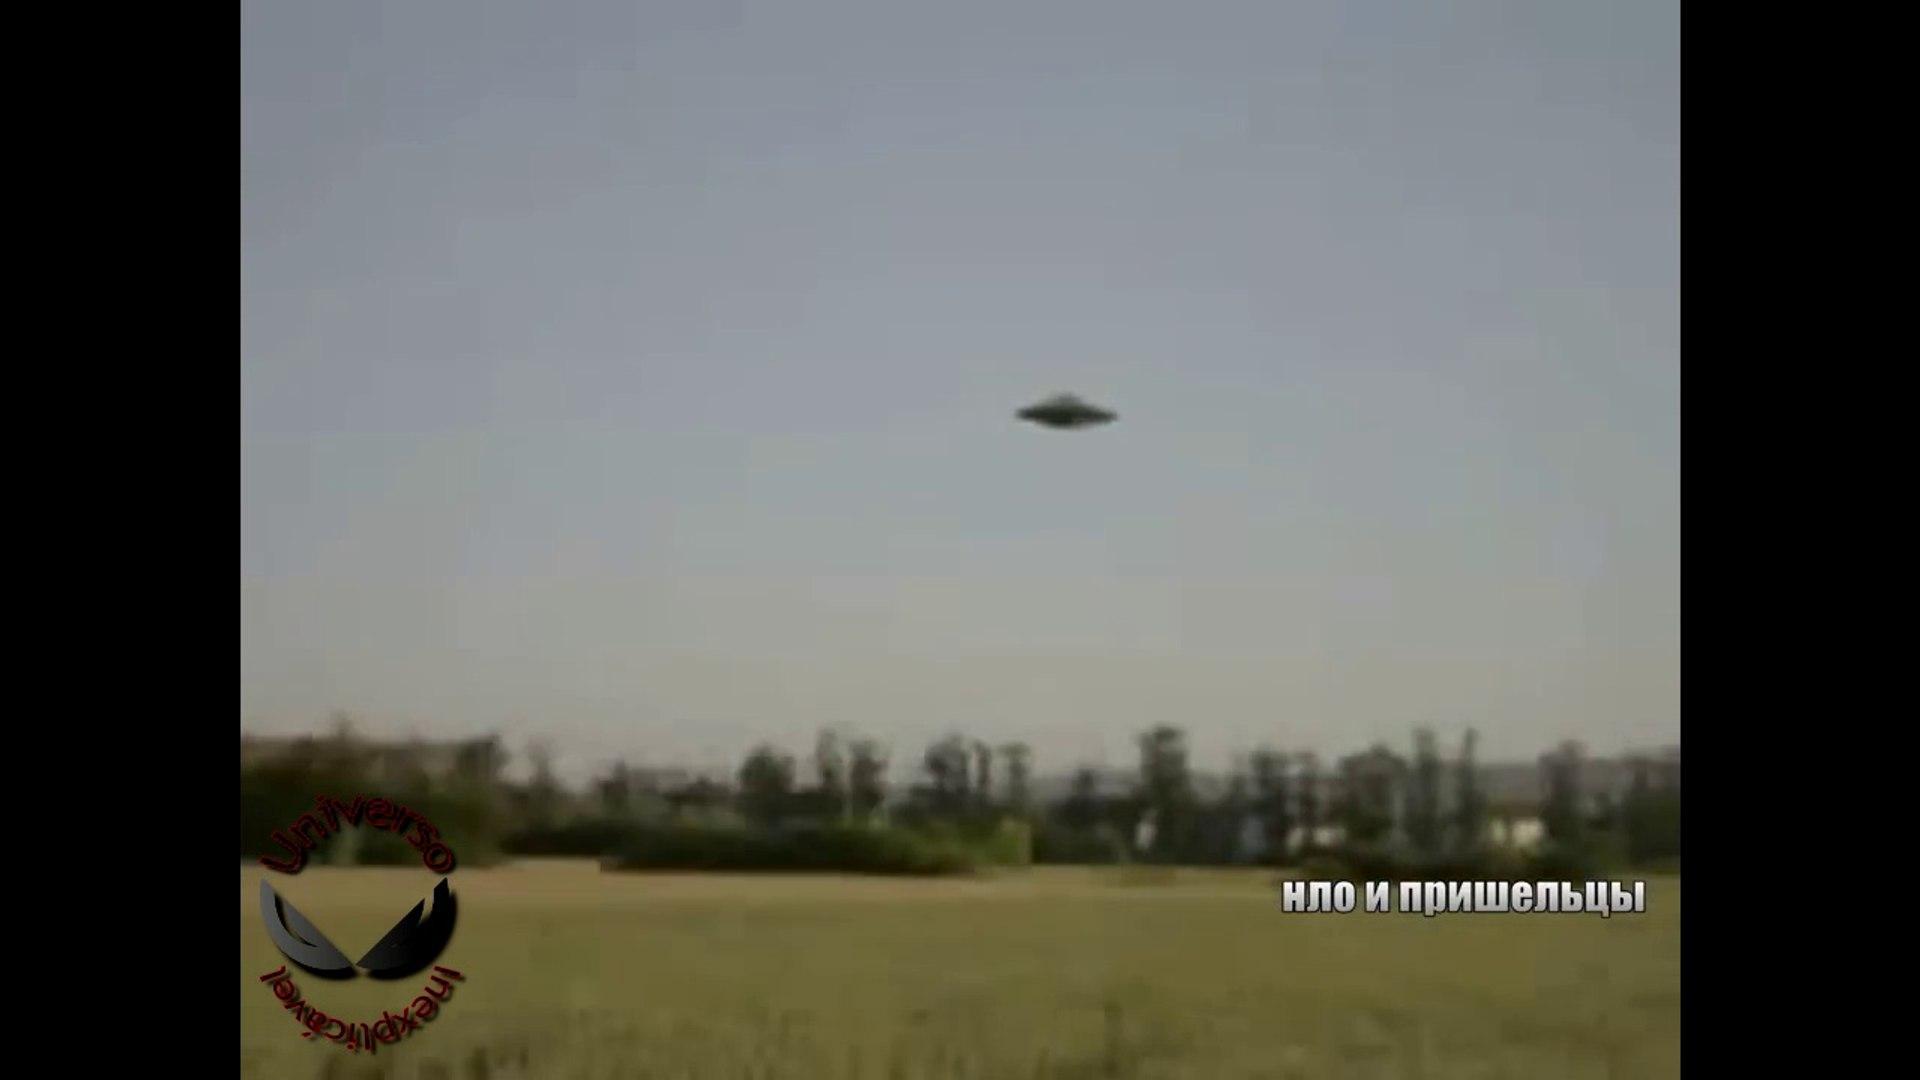 Excelente avistamento de OVNI 2018 Suposto UFO real teria sido gravado na Russia UFOs OVNIs